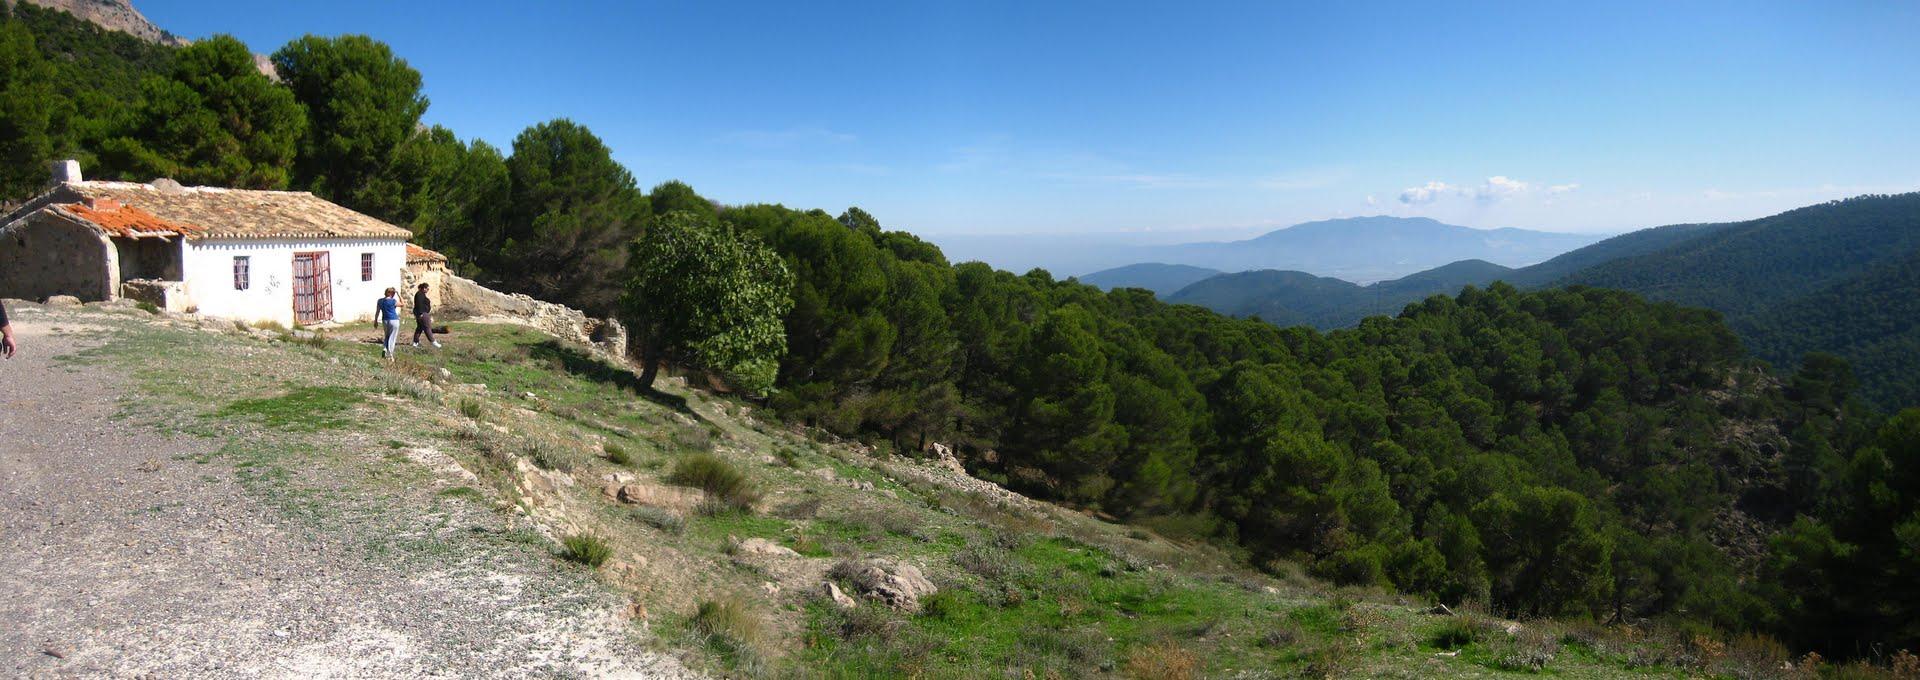 Berro en Sierra Espuña